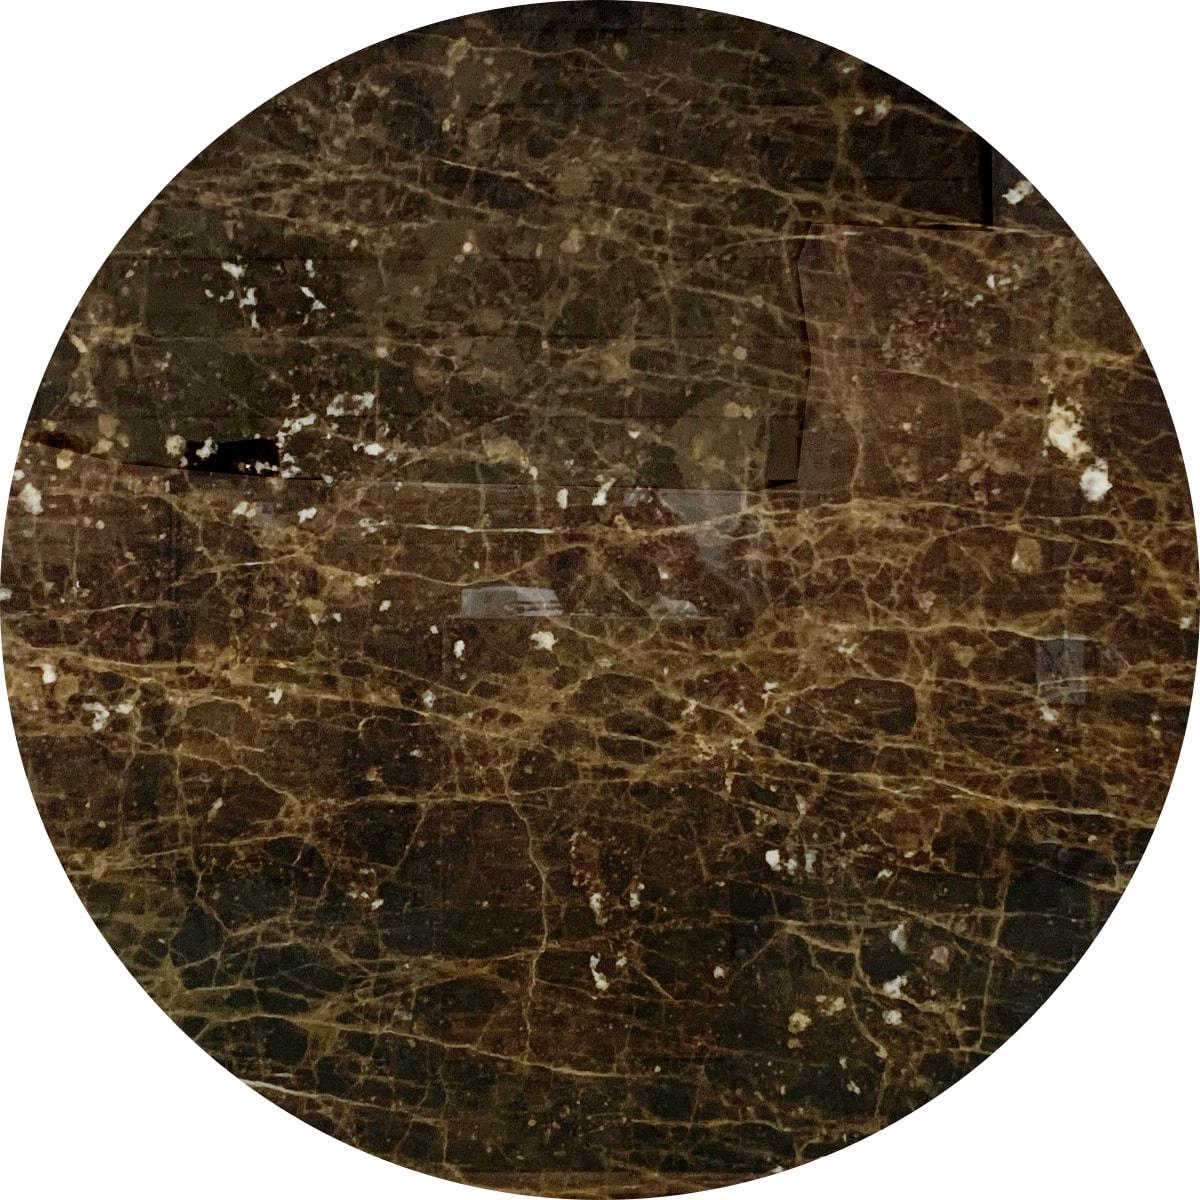 Saarinen Collection Round Tables(サーリネンテーブル)Φ1200mm ブラウンエンペラドール 176TRMBE1 (001)